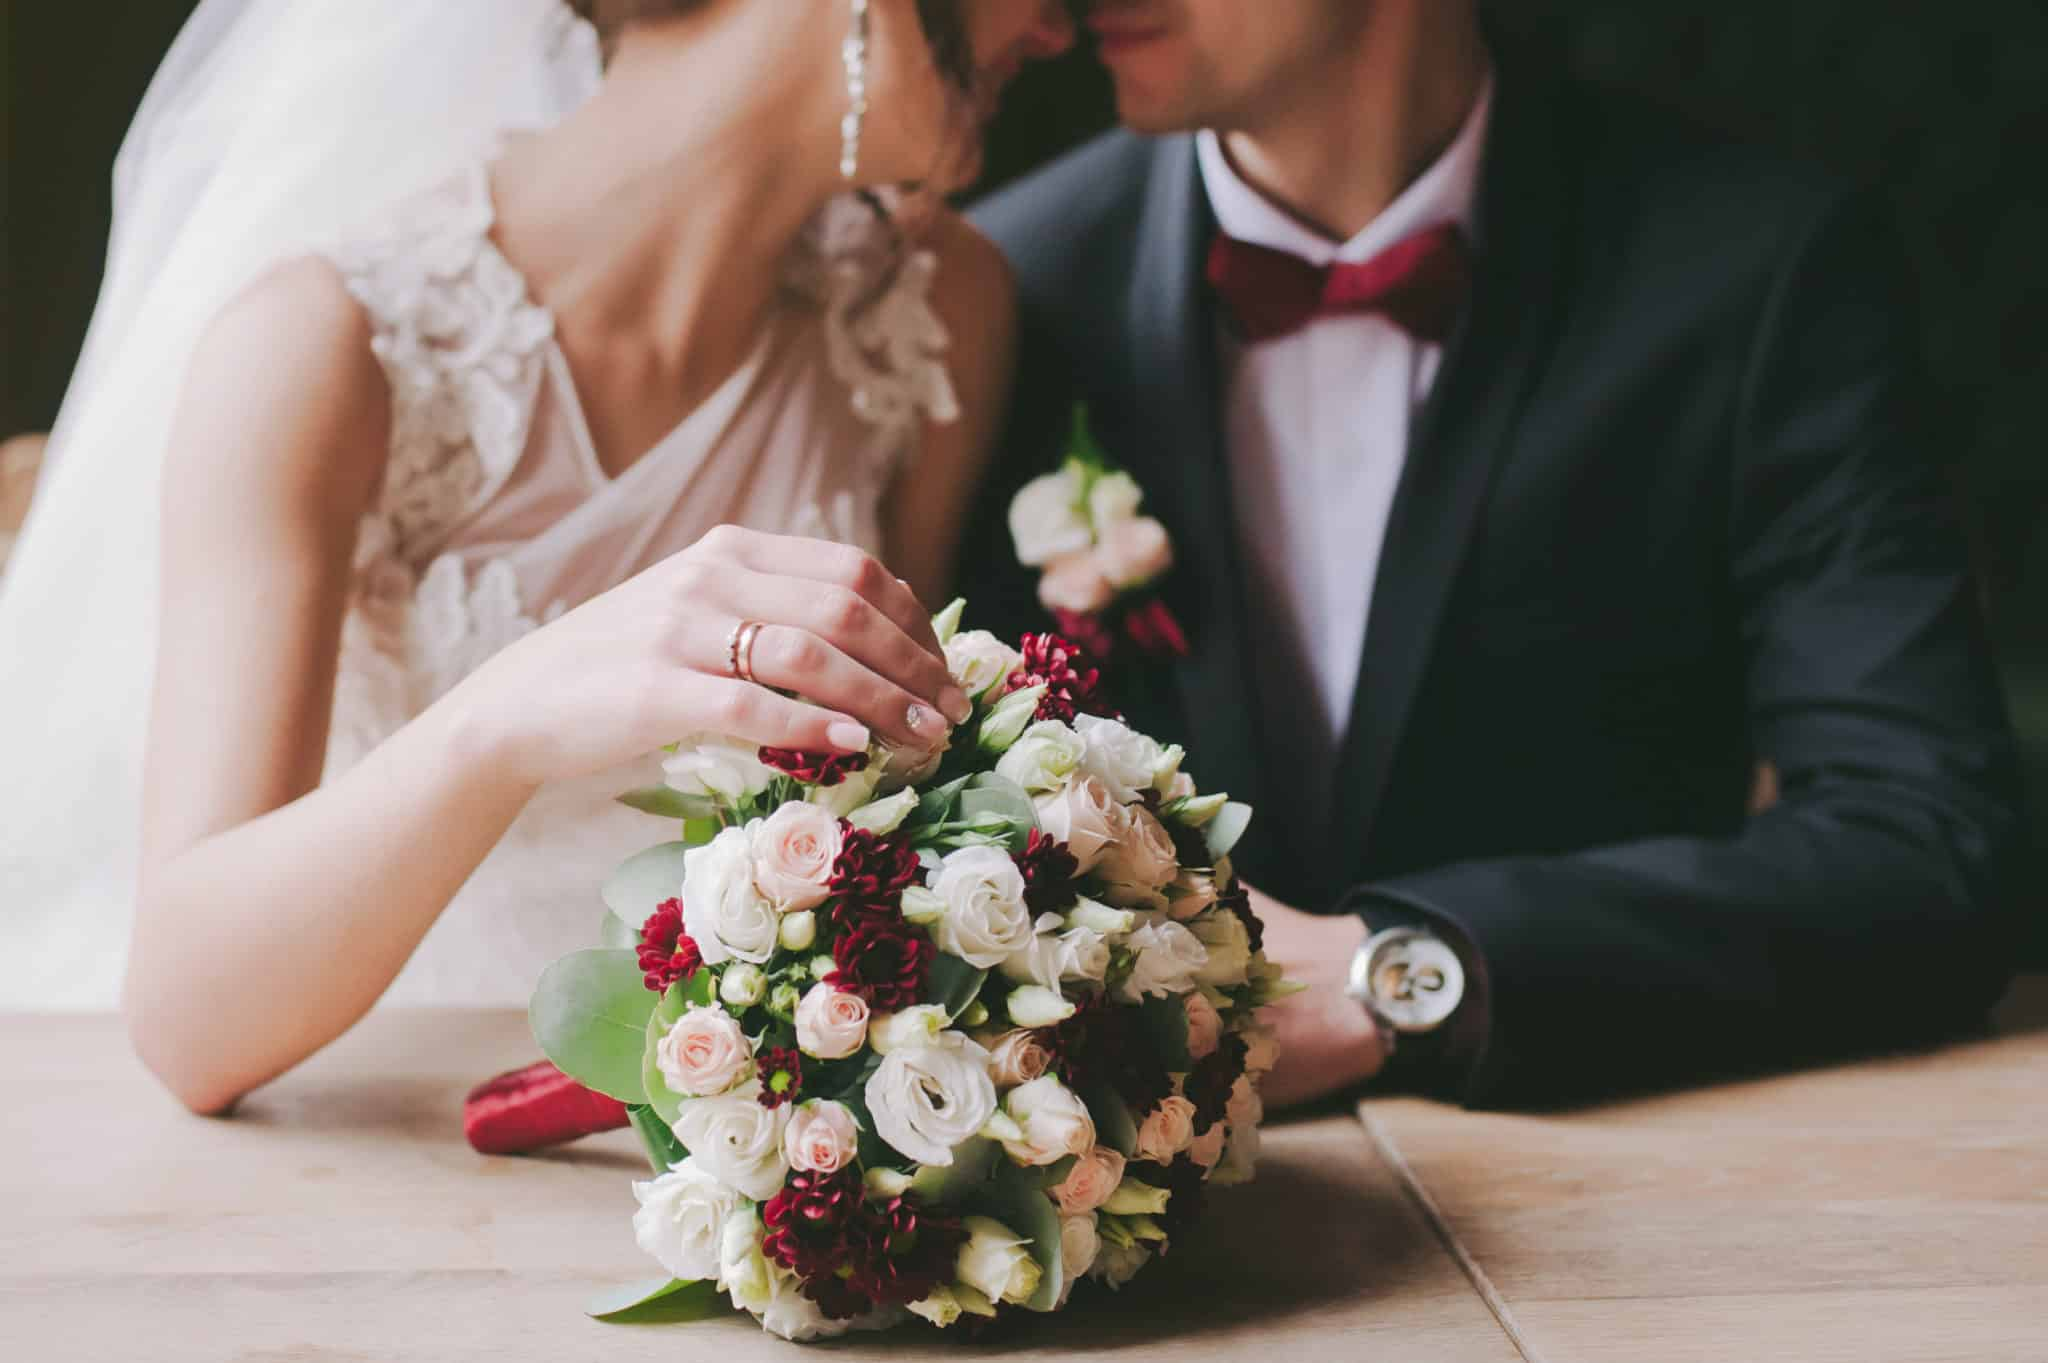 フィリピンでの結婚式のカップル